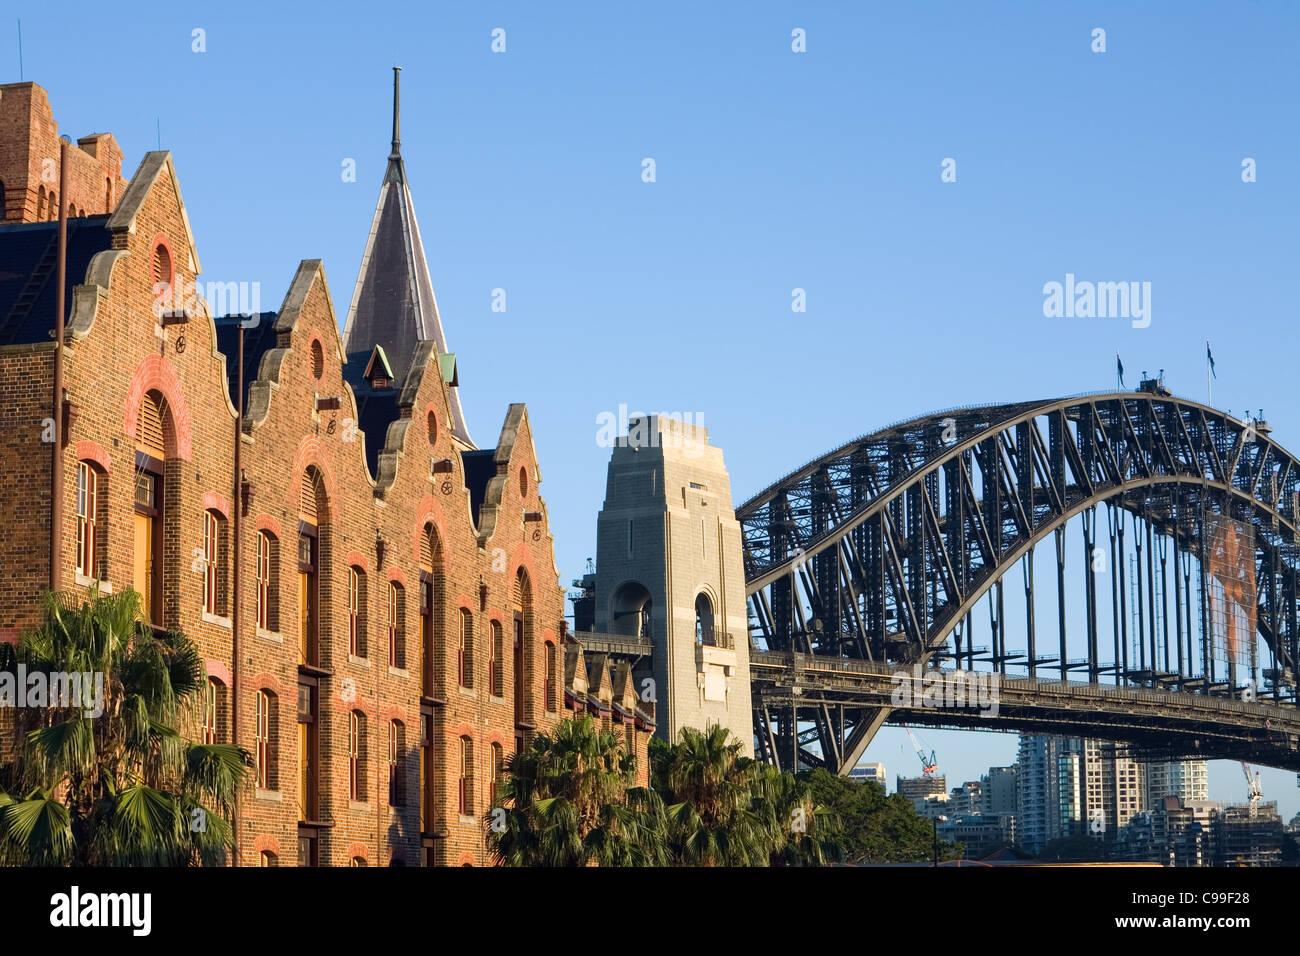 La arquitectura del edificio Australasian Steam Navigation Co. y el Harbour Bridge. Sydney, New South Wales, Australia Imagen De Stock